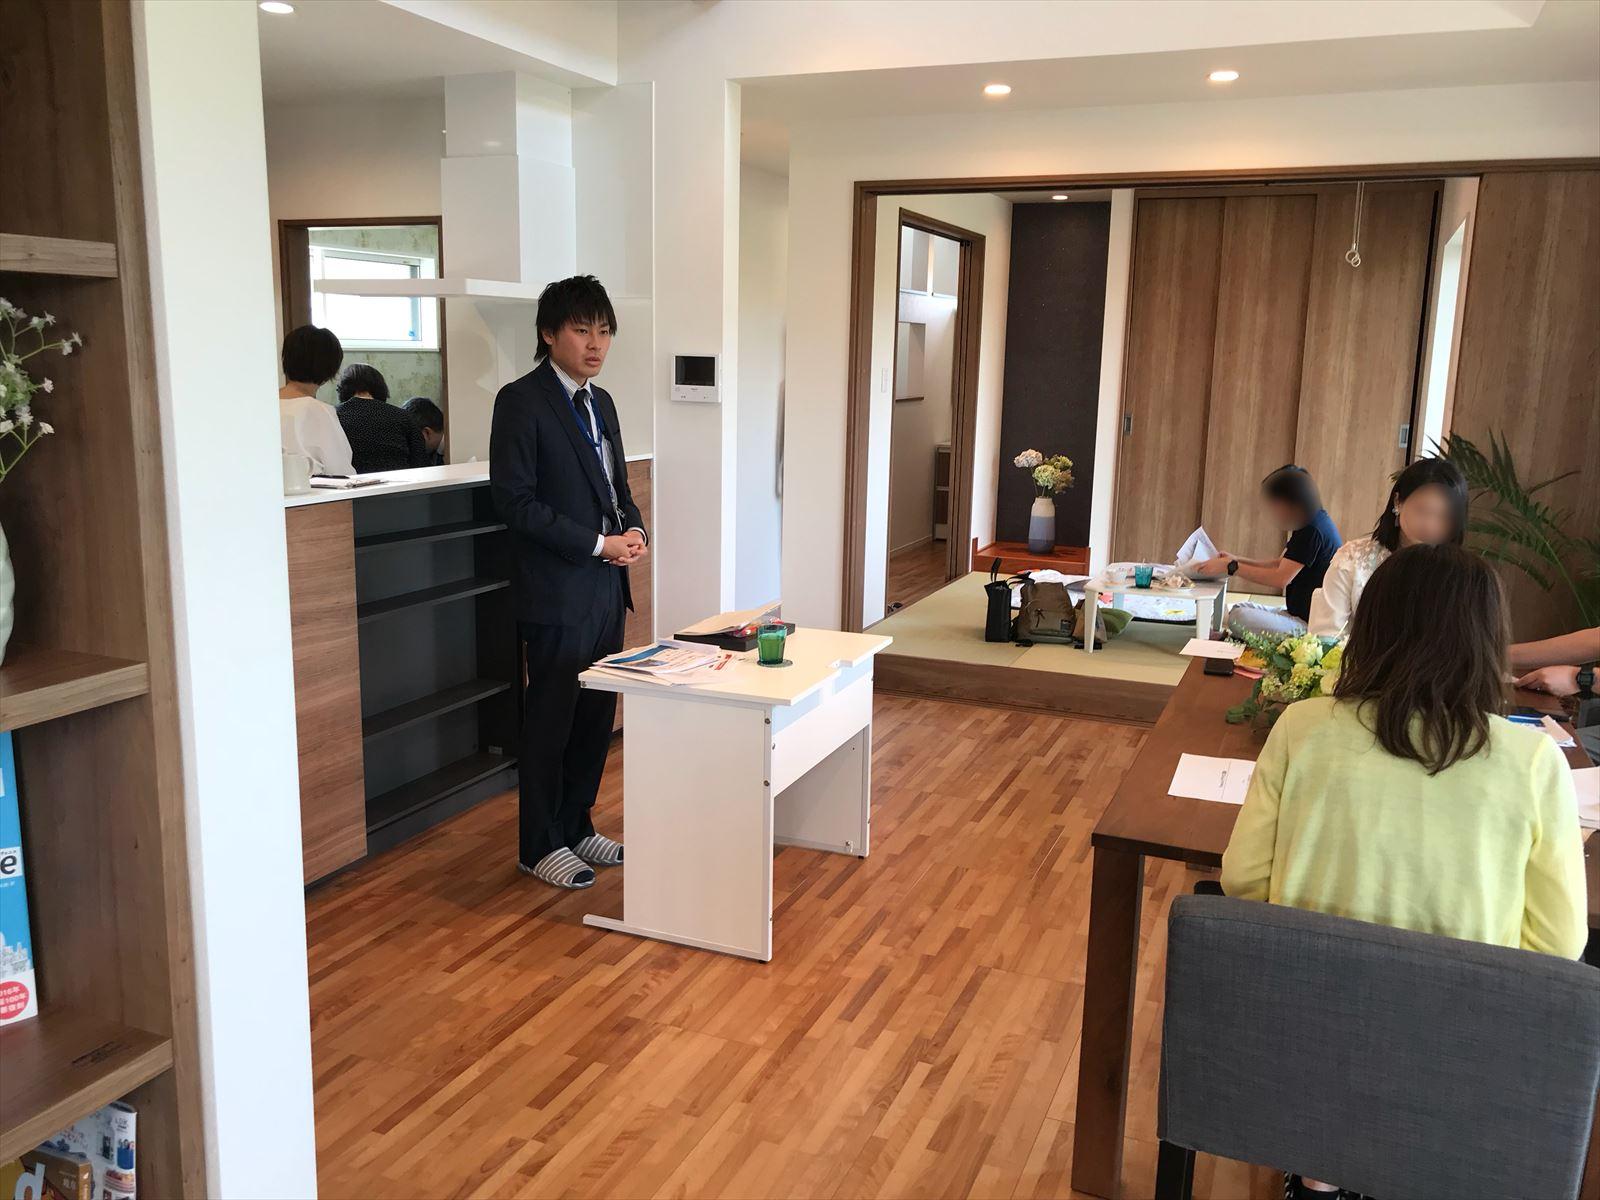 【終了・満員御礼】家づくりCafeセミナー、ご参加ありがとうございました!